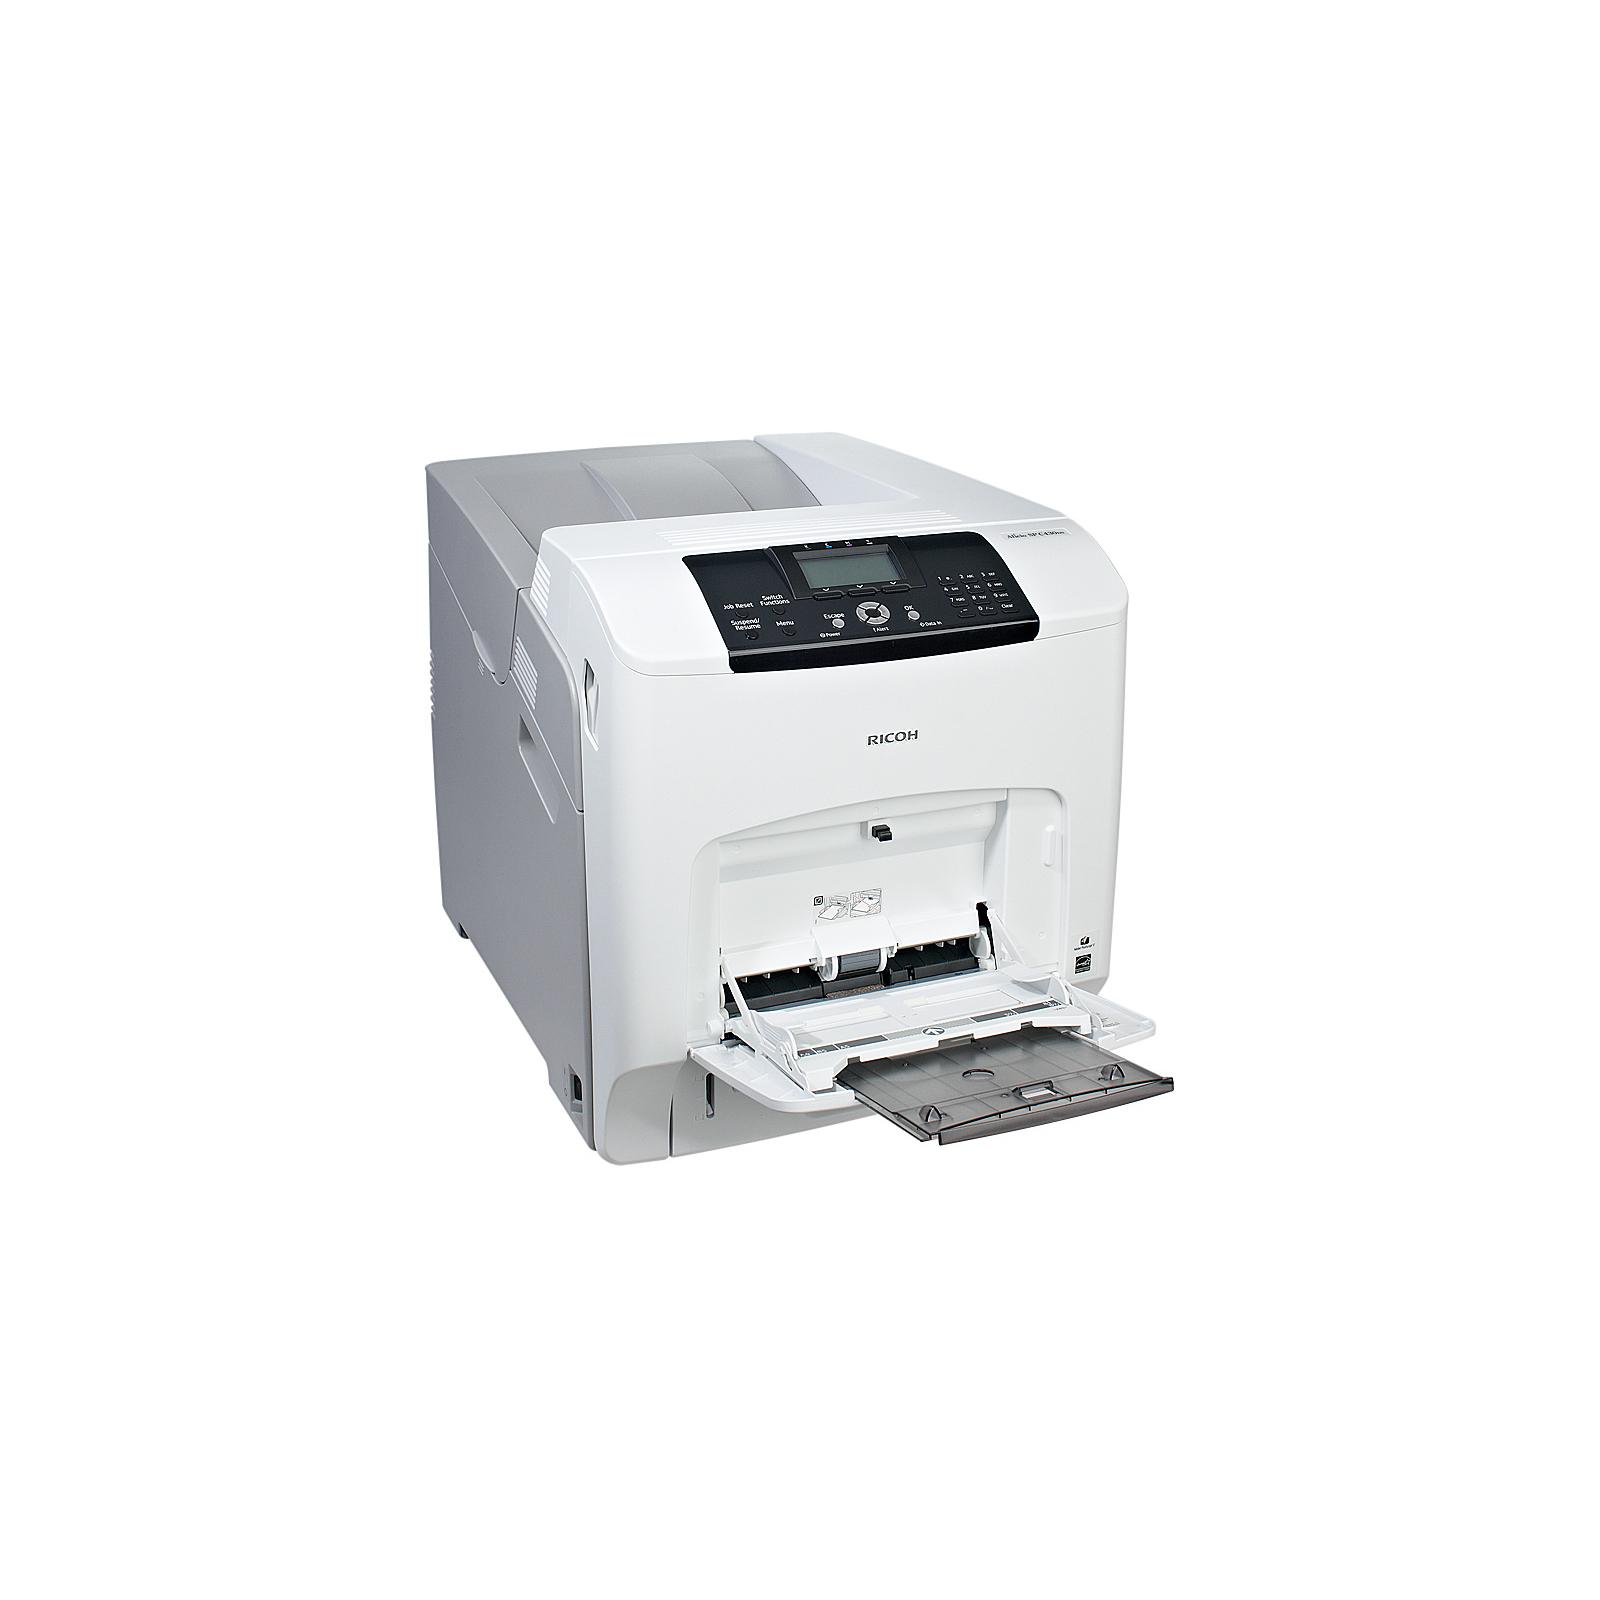 лазерный принтер фотокерамика это